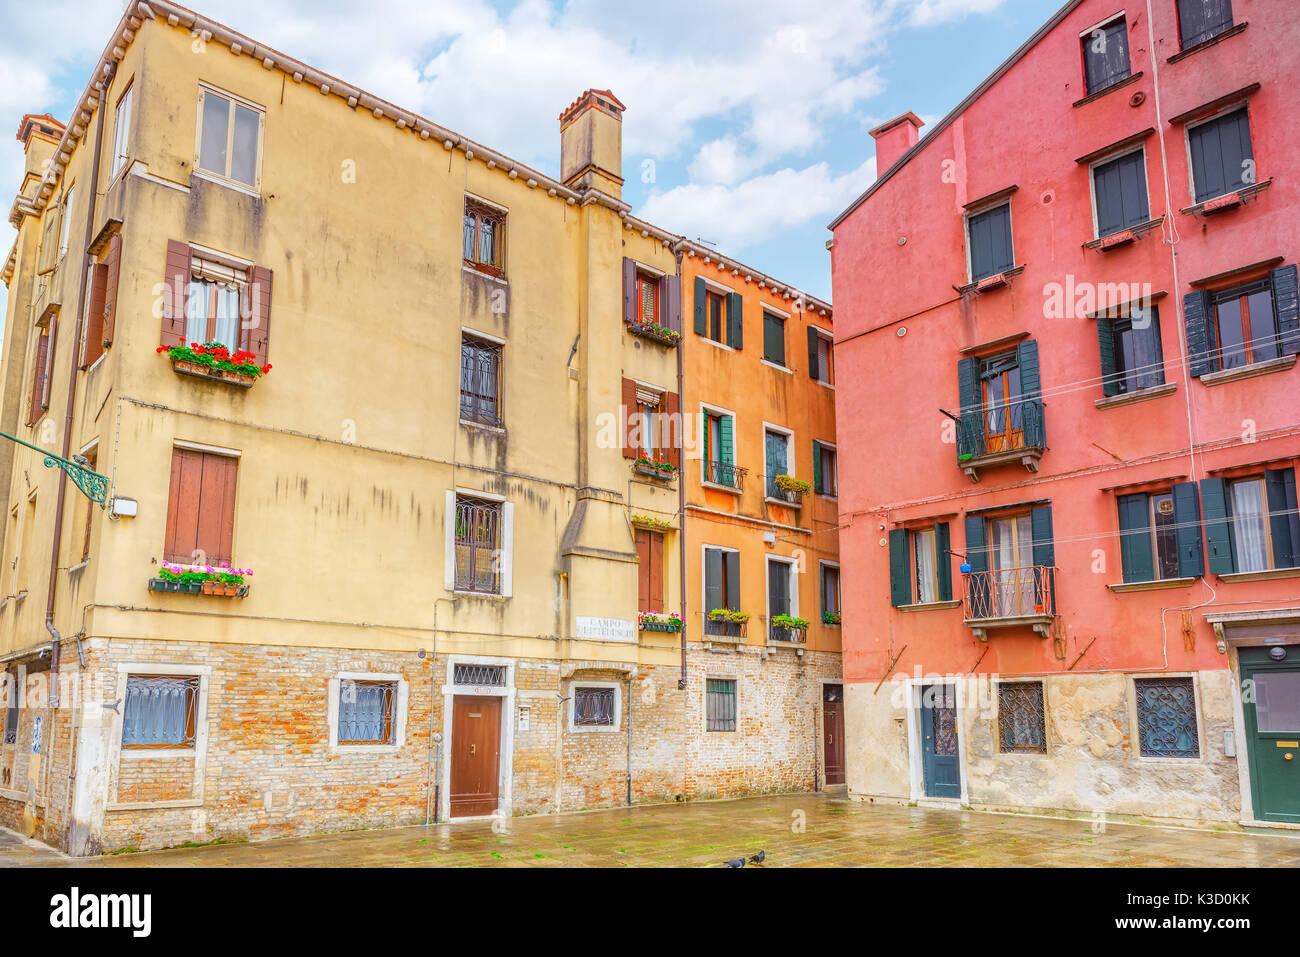 Häuser In Italien blick auf die schönsten orte in venedig engen straßen häuser